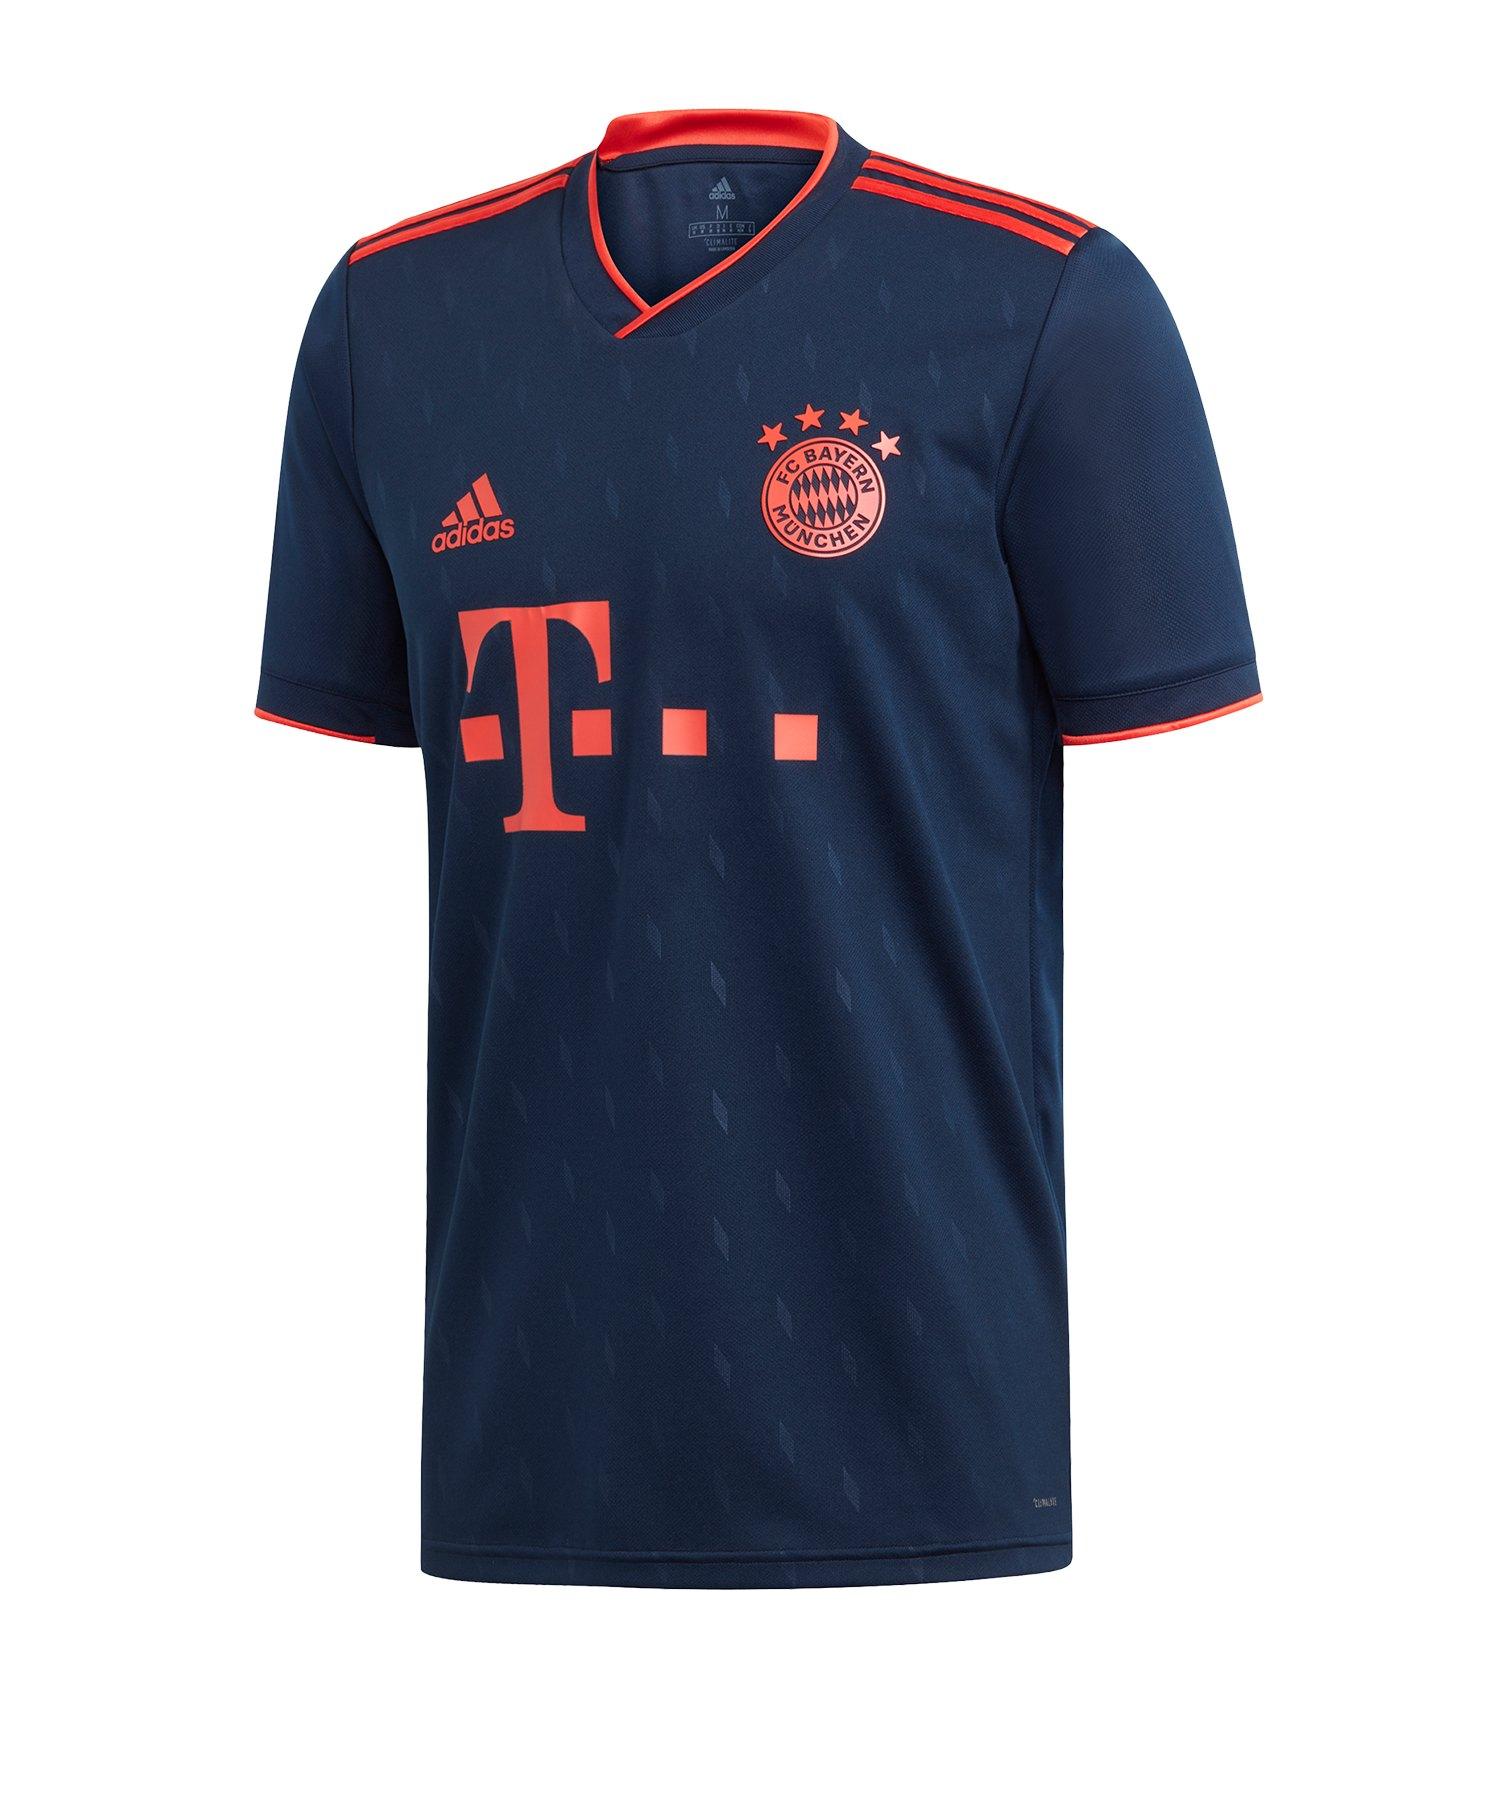 adidas FC Bayern München Trikot UCL 2019/2020 Blau - blau